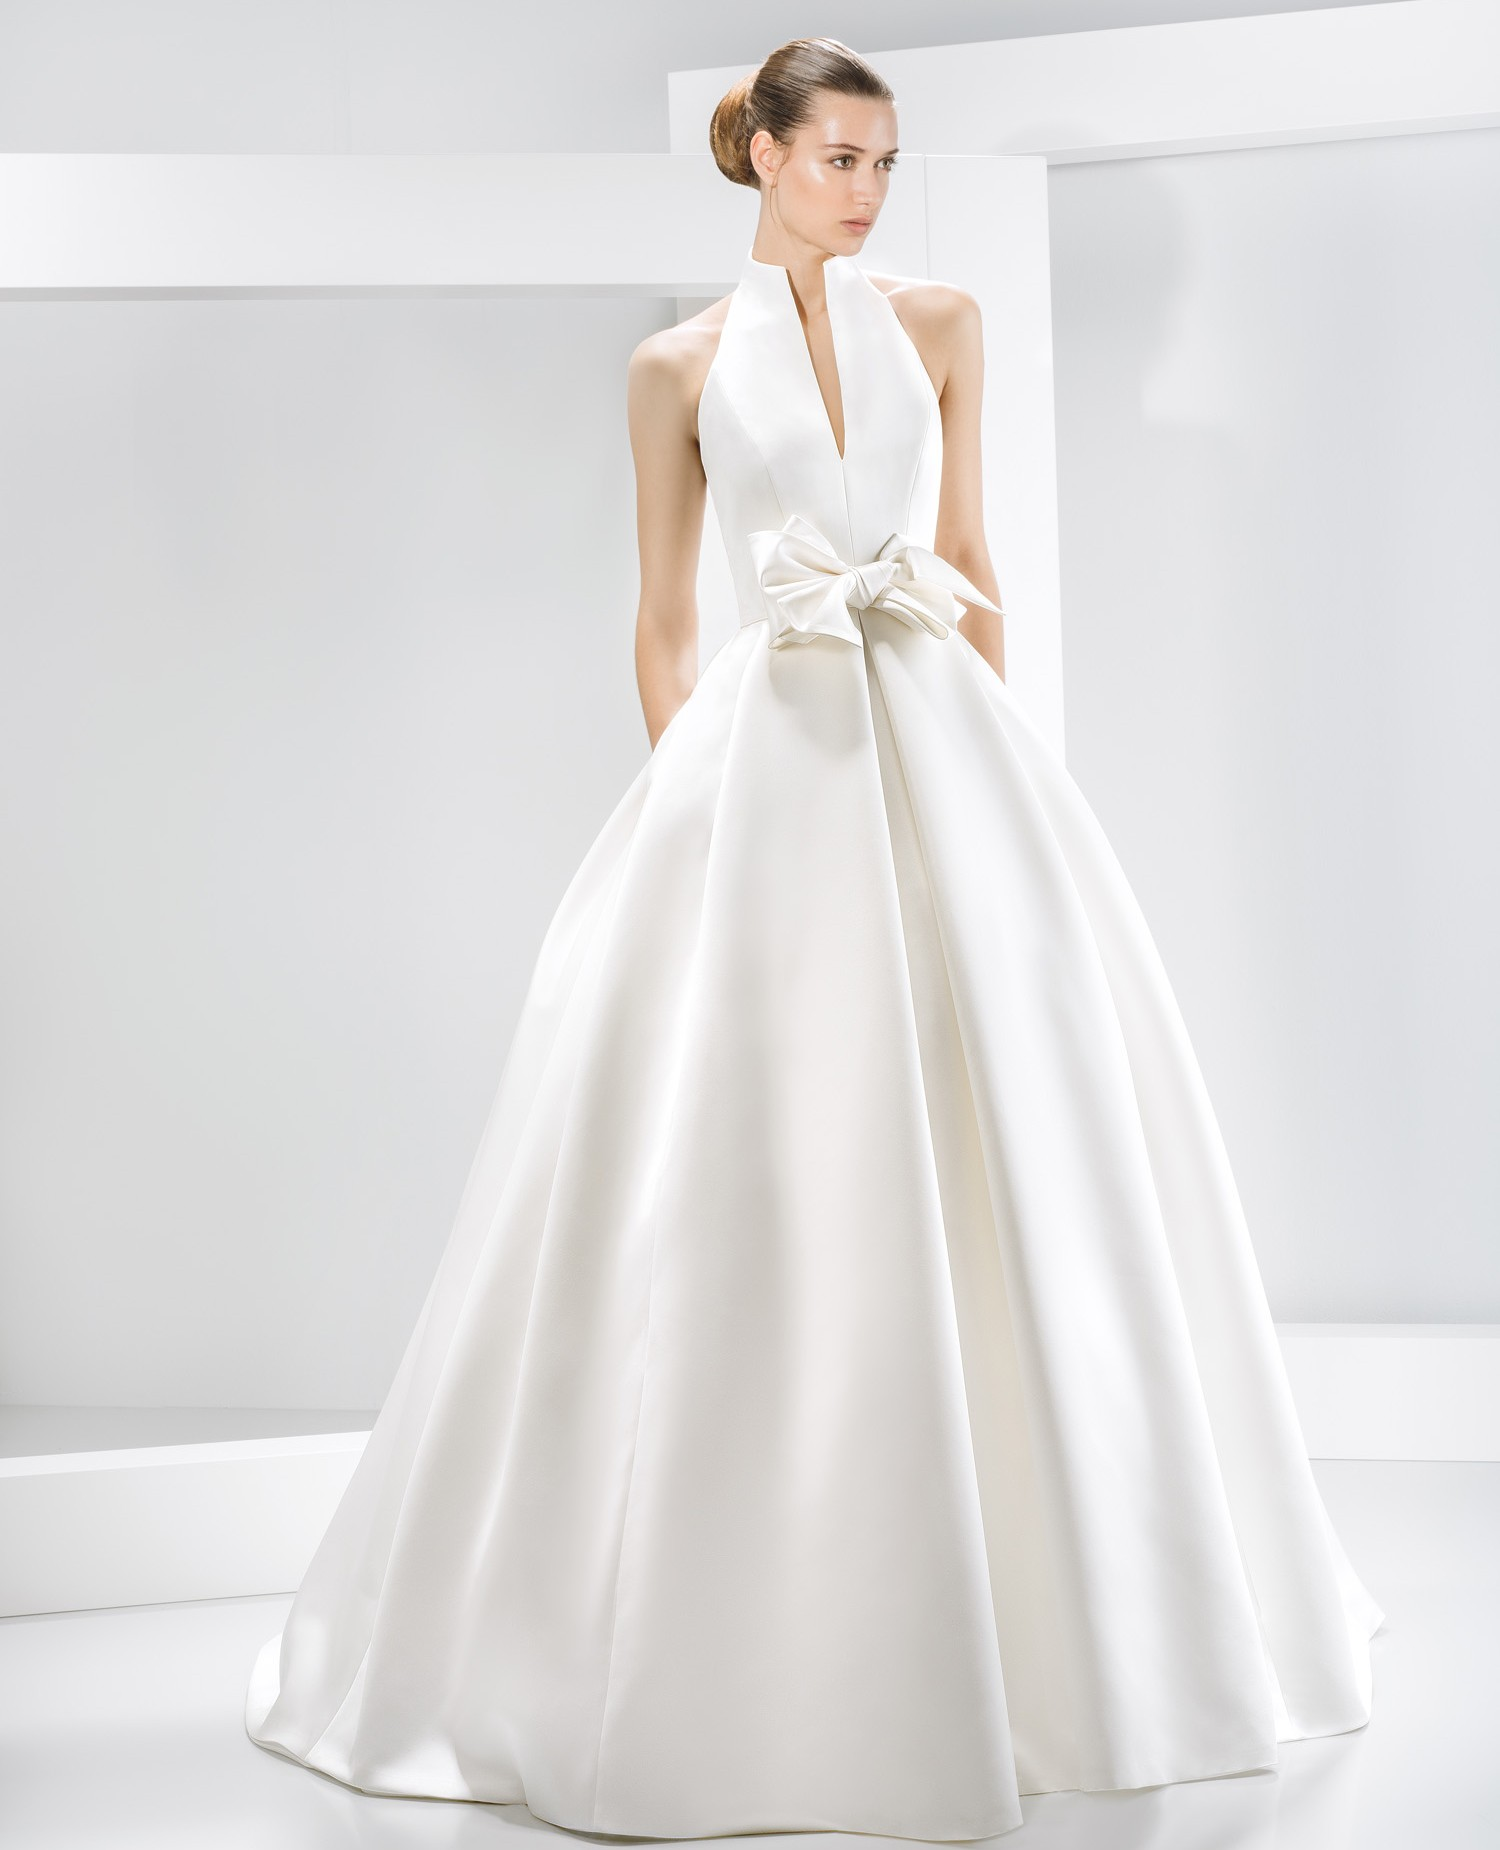 vestidos de novia jesus peiro precios